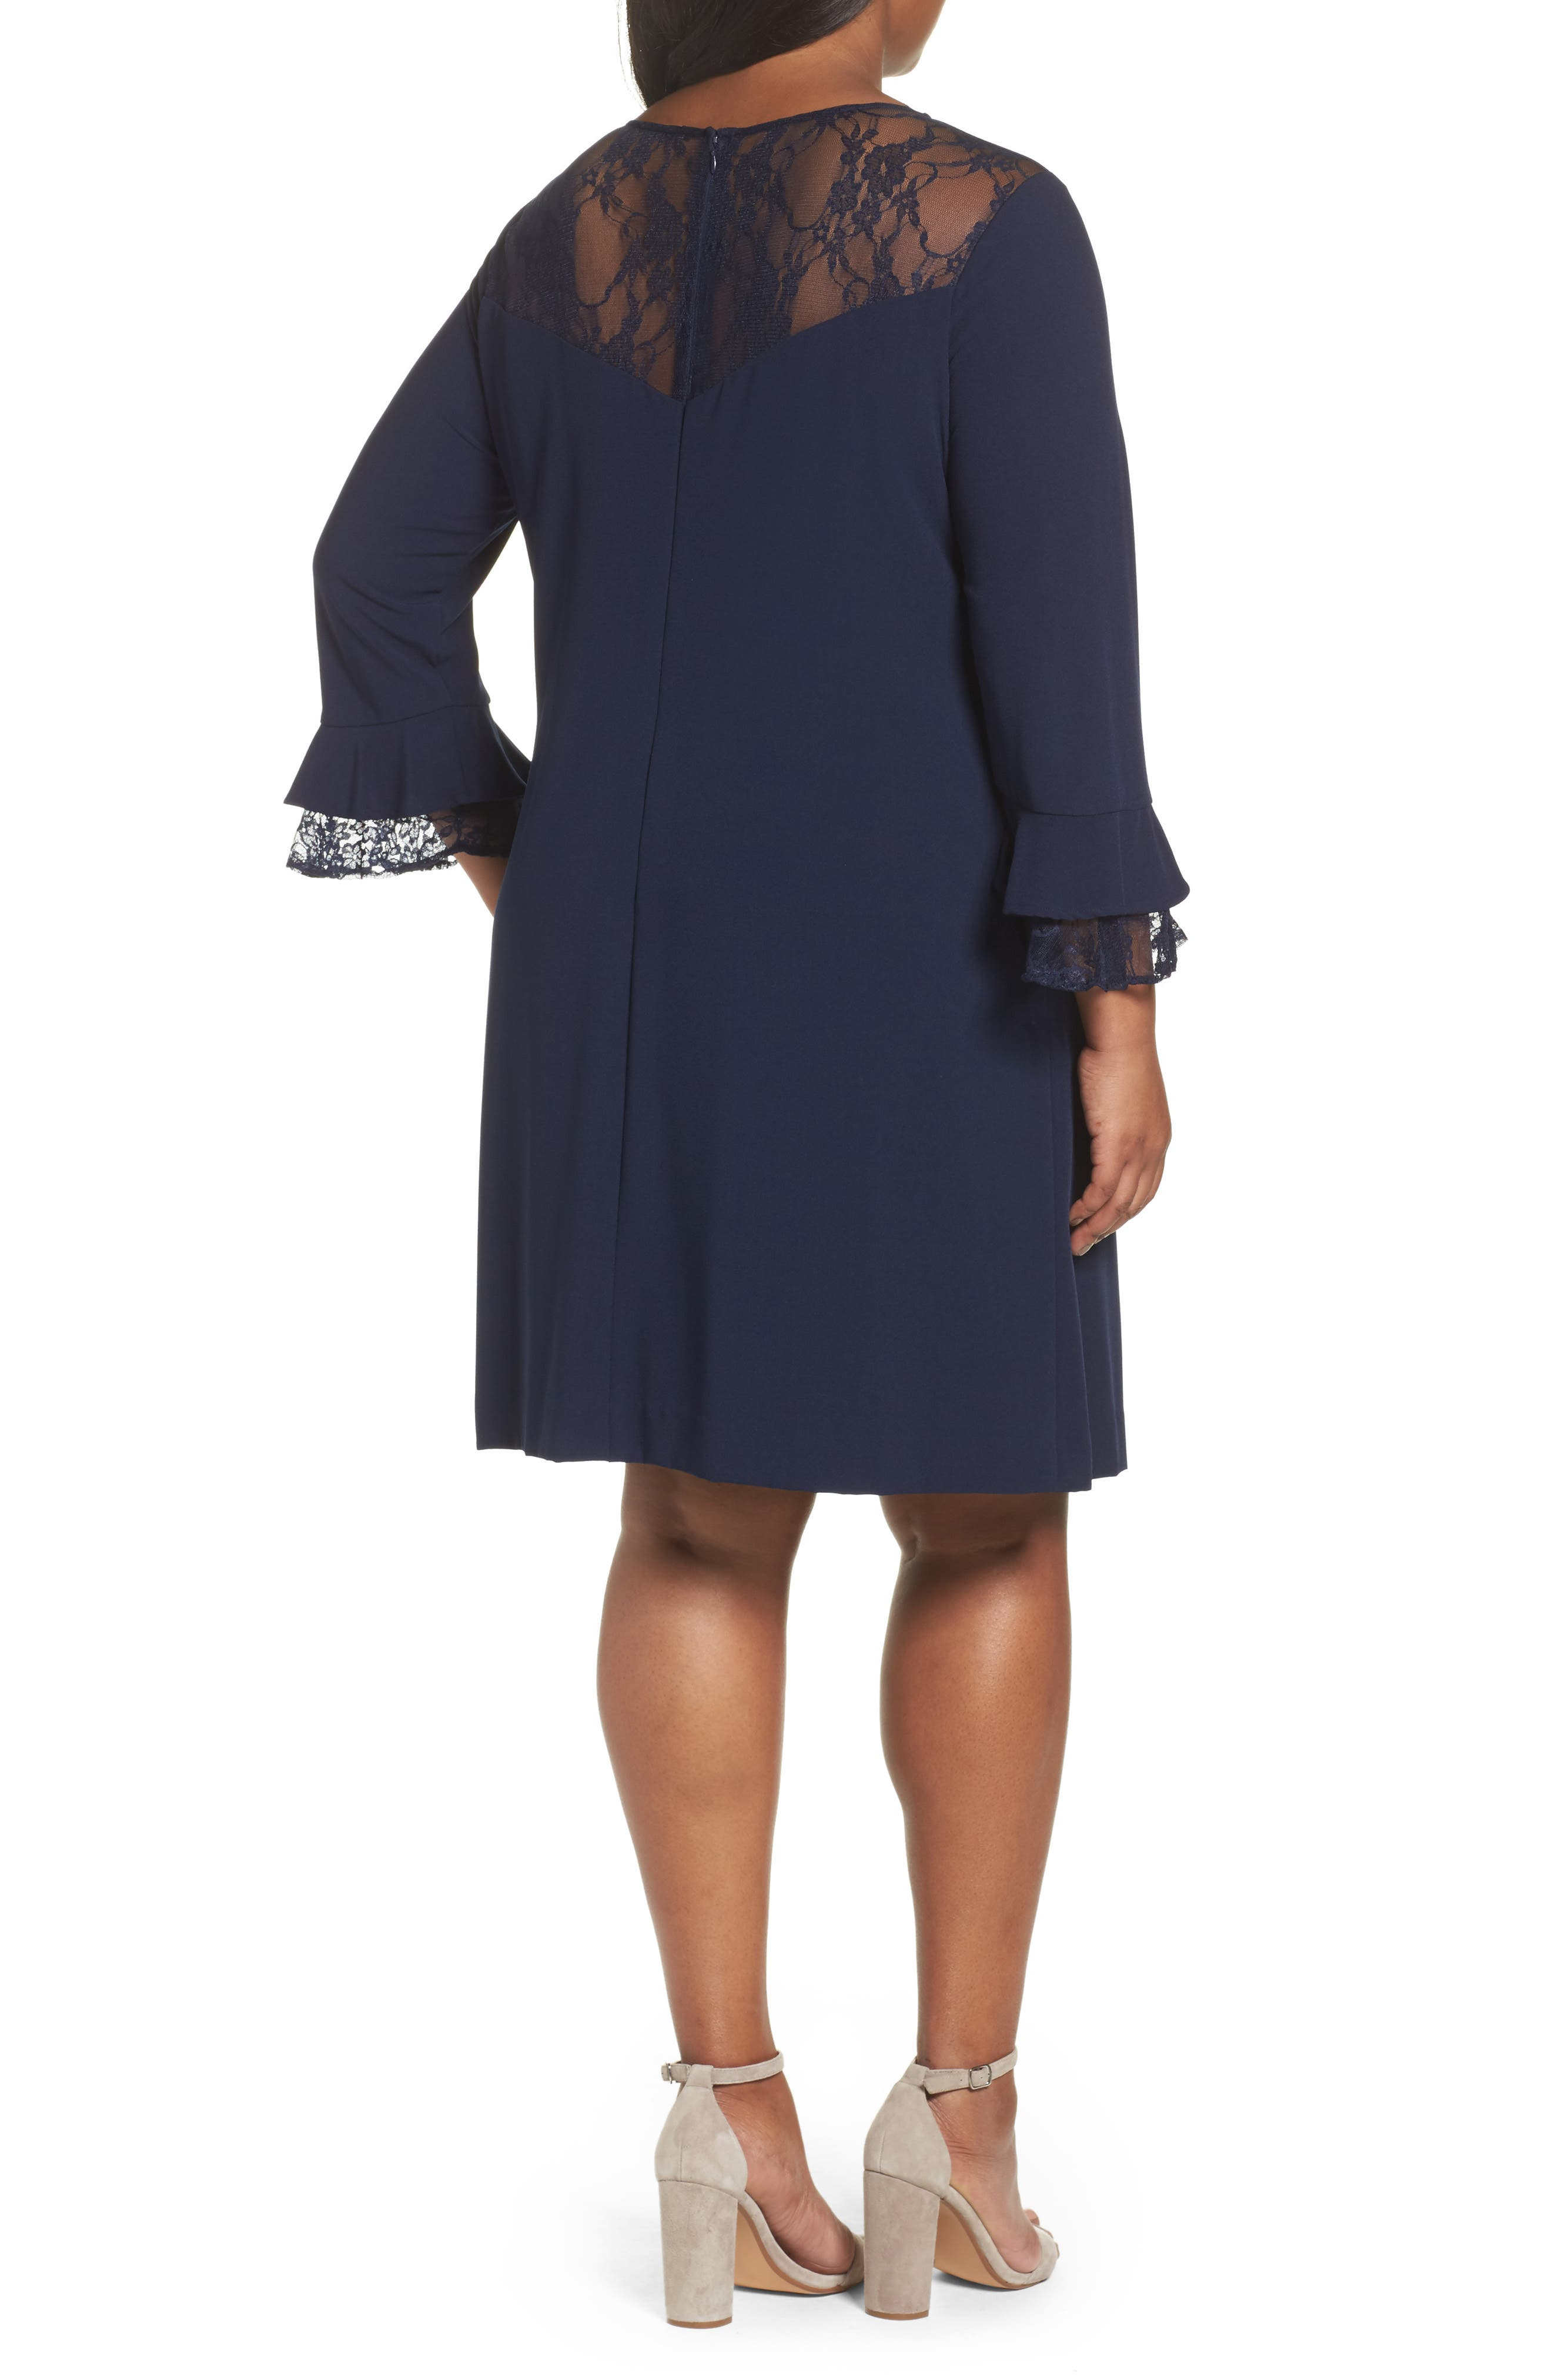 Alternate Image 2  - Tahari Lace Trim Shift Dress (Plus Size)